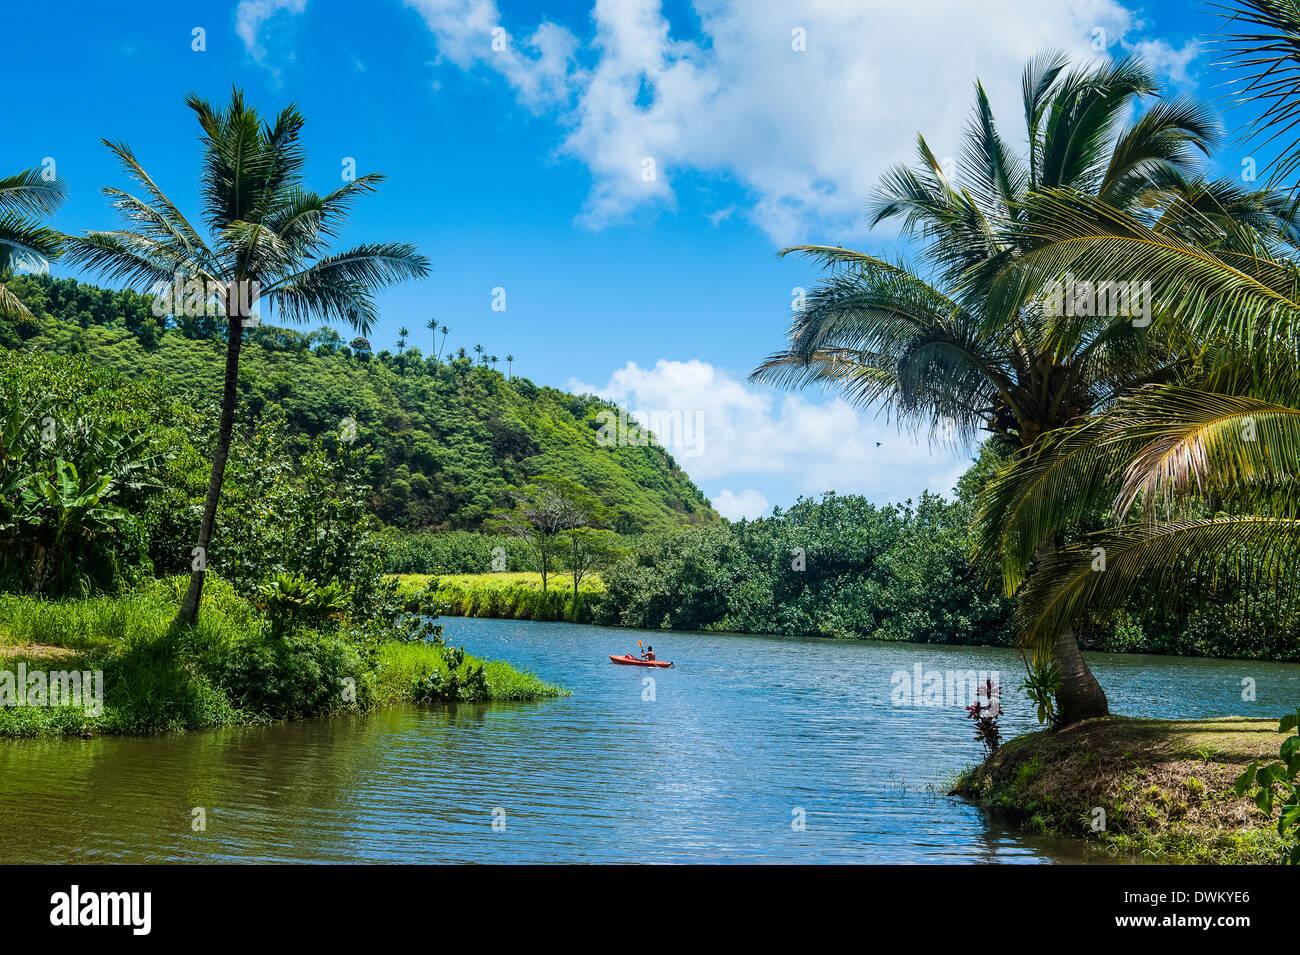 La rivière Wailua. Kauai, Hawaii, États-Unis d'Amérique, du Pacifique Photo Stock